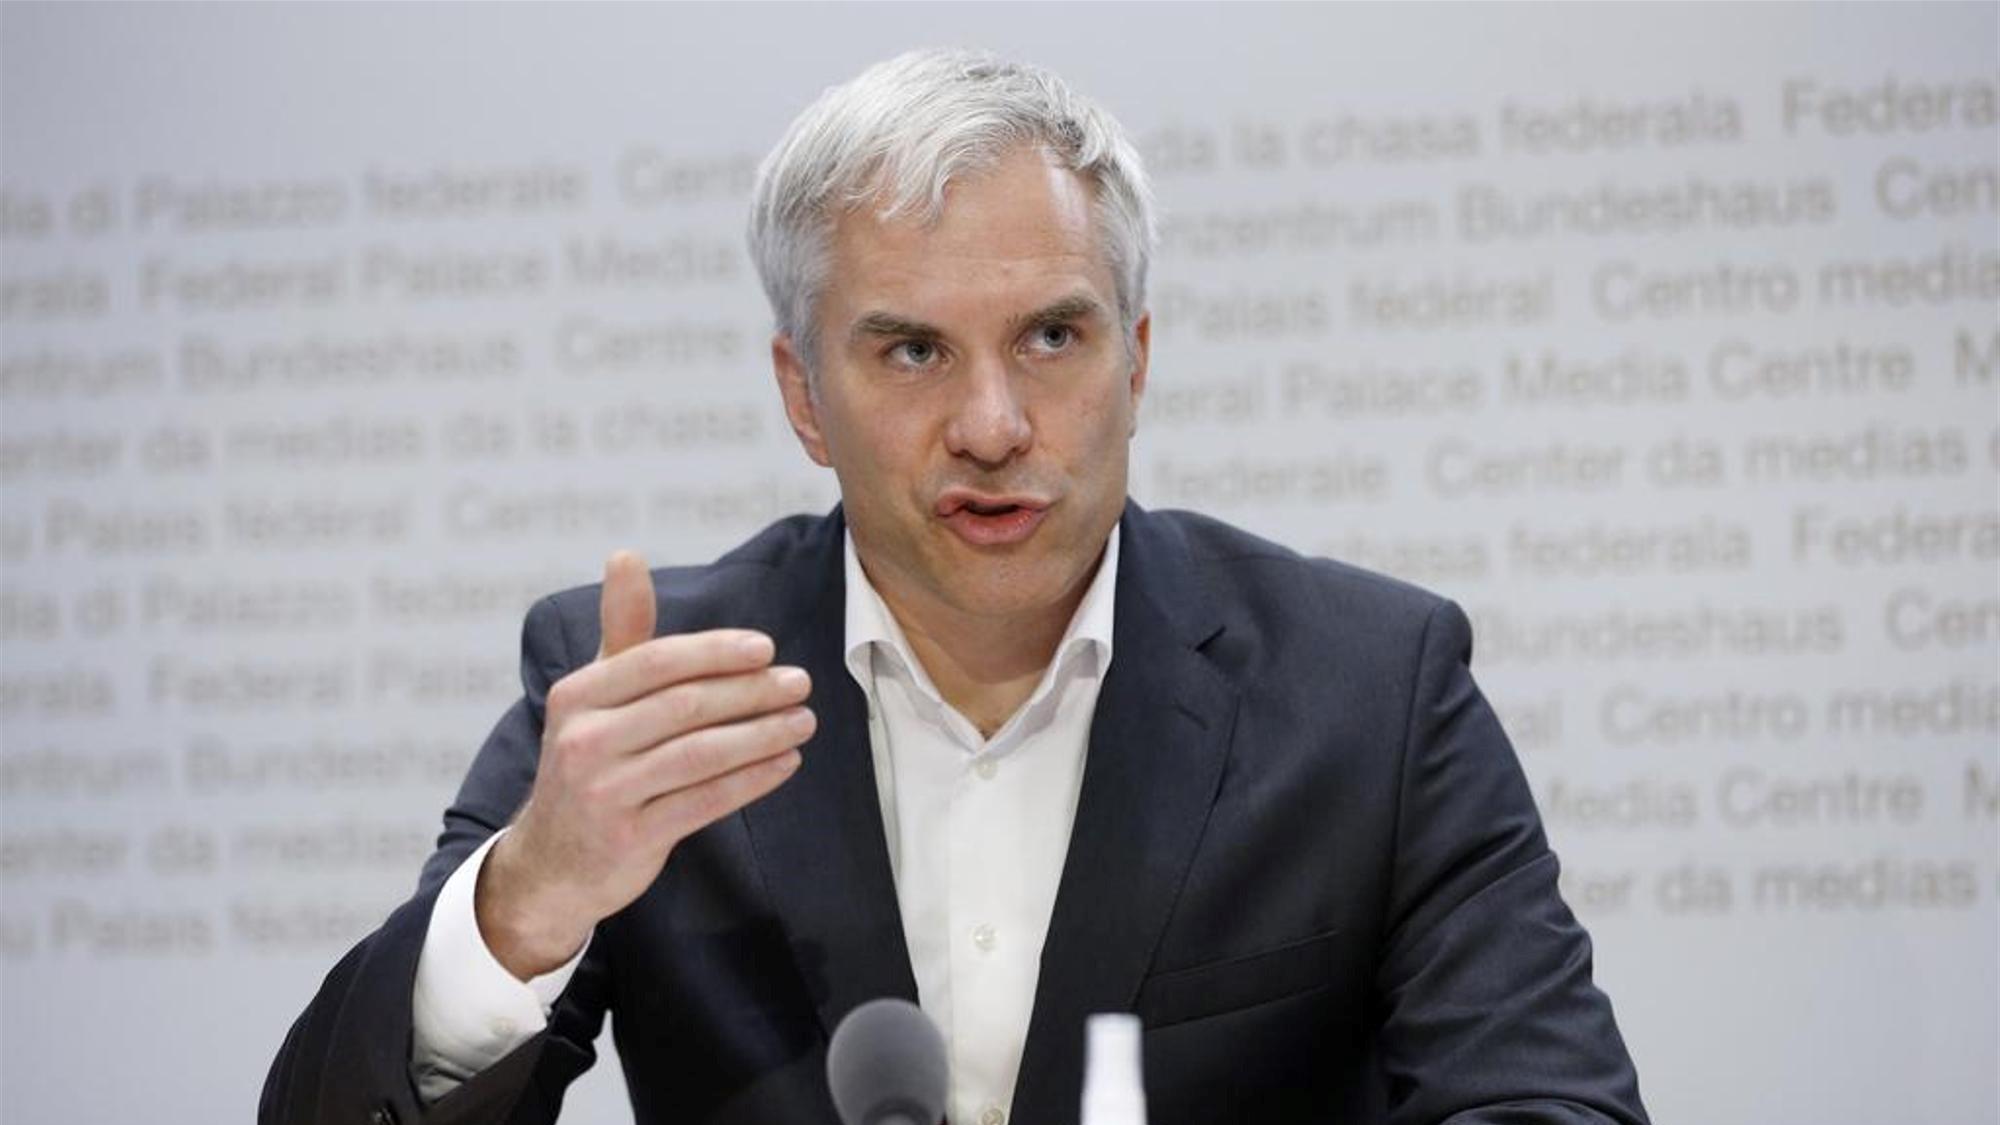 瑞士国家疫情应对专家组正在考虑进行小规模封锁